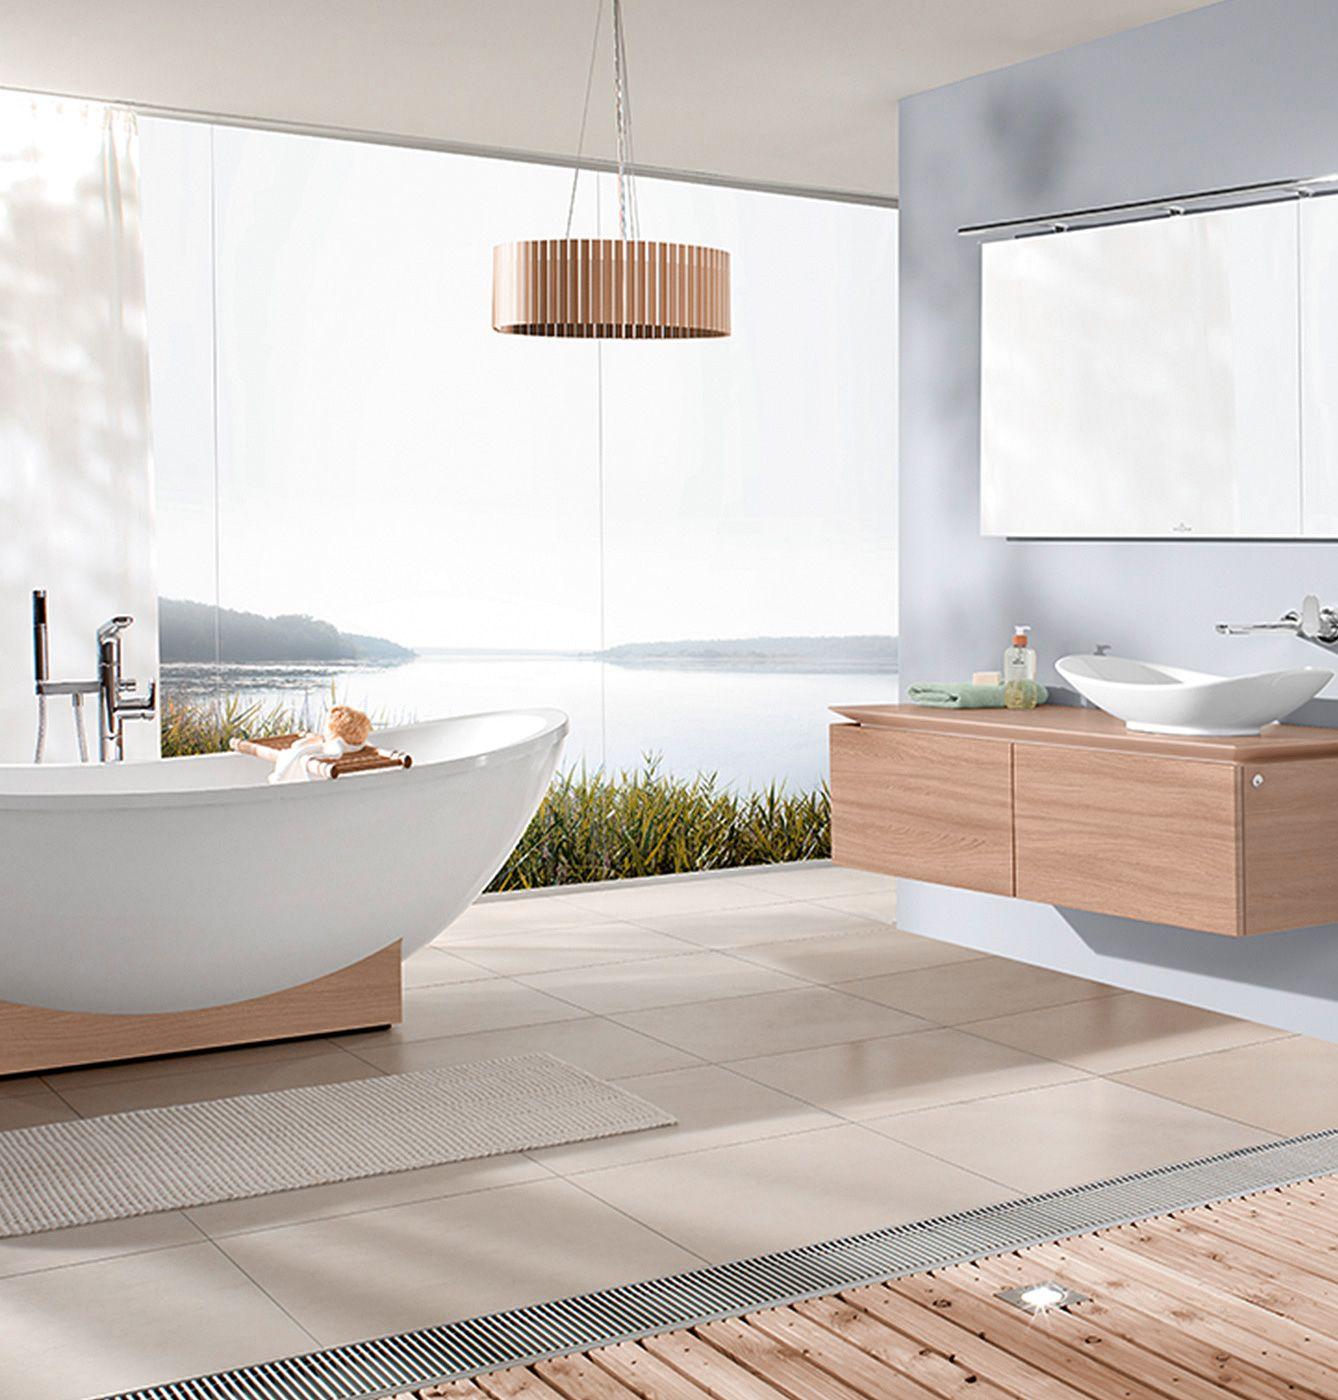 Verwandeln Sie Ihr Bad in eine Wellnessoase. Passend zum